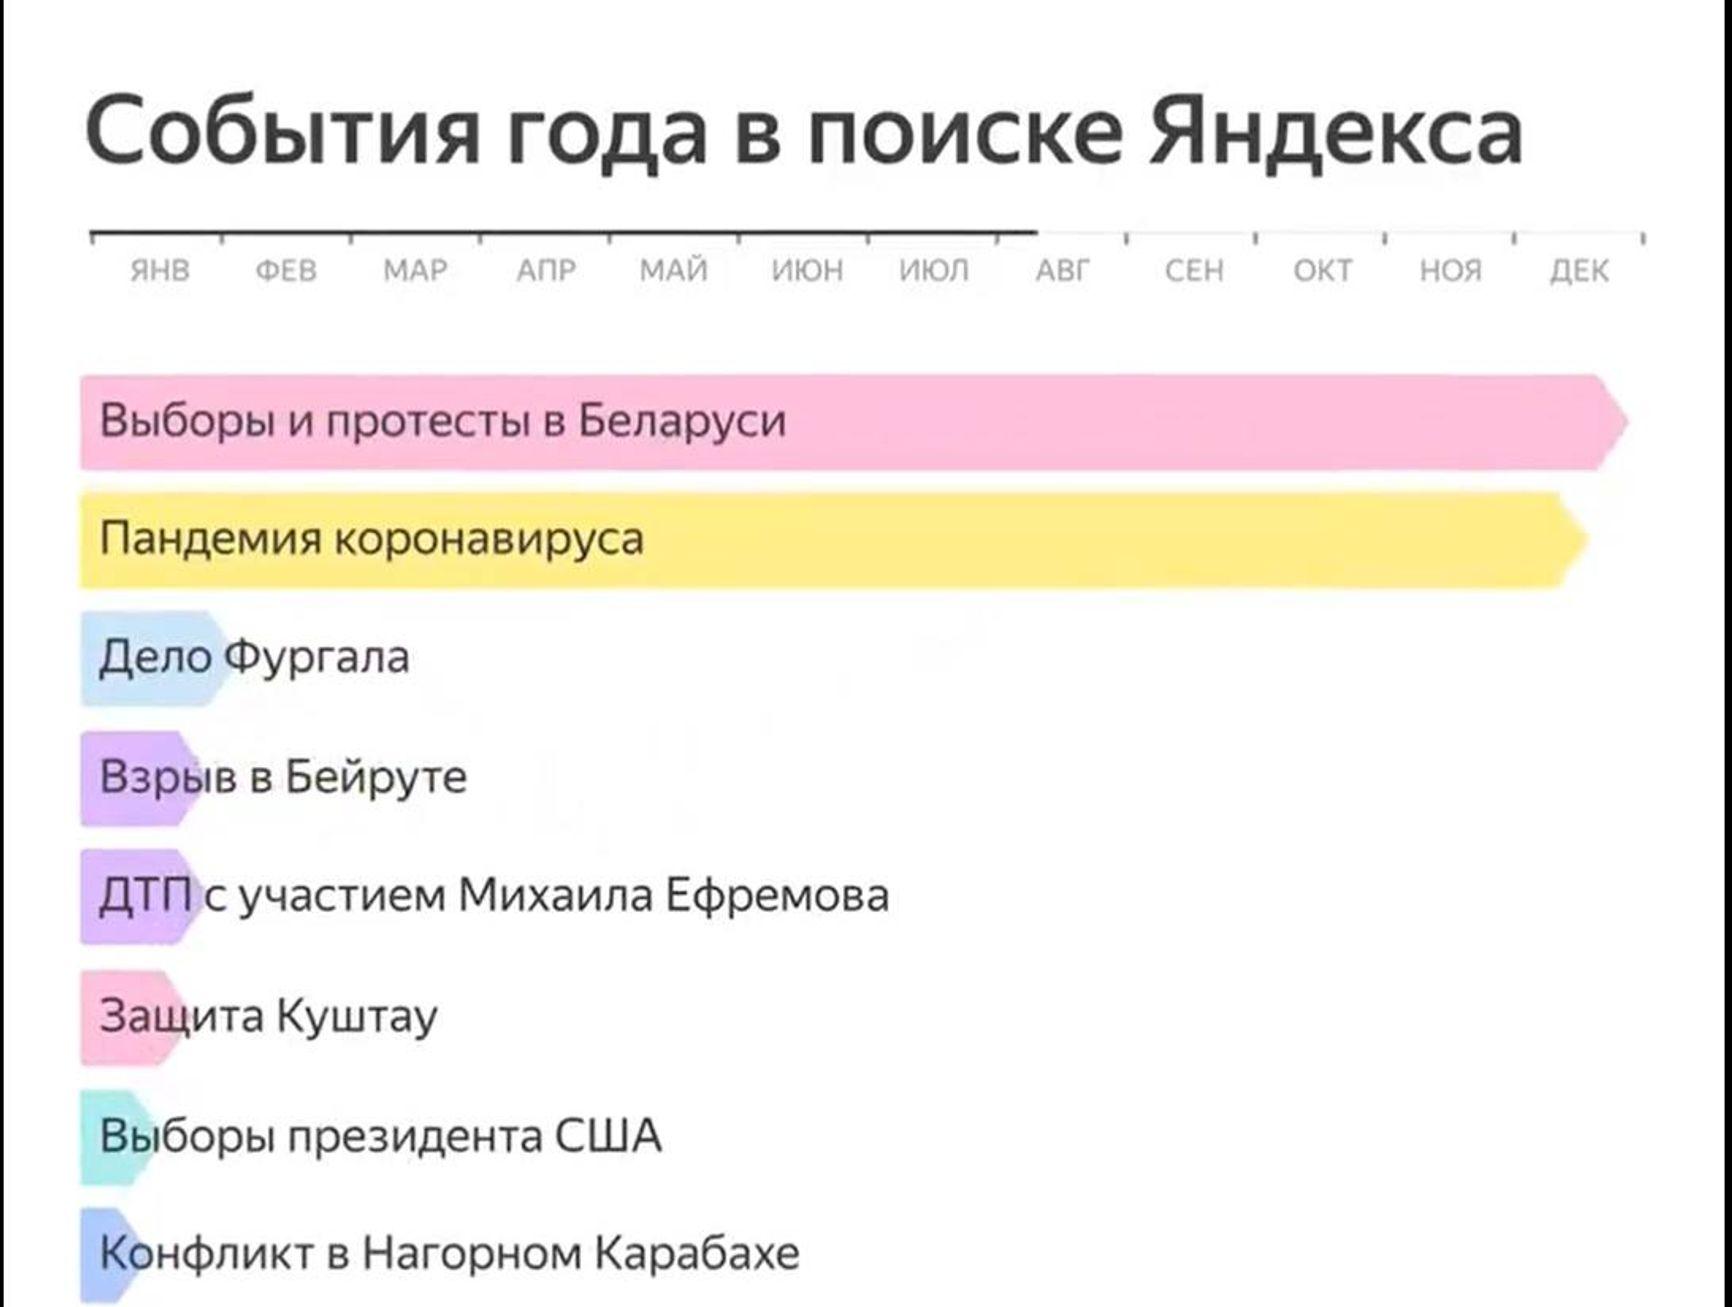 На пике протеста пользователи Яндекса интересовались Беларусью больше чем пандемией коронавируса